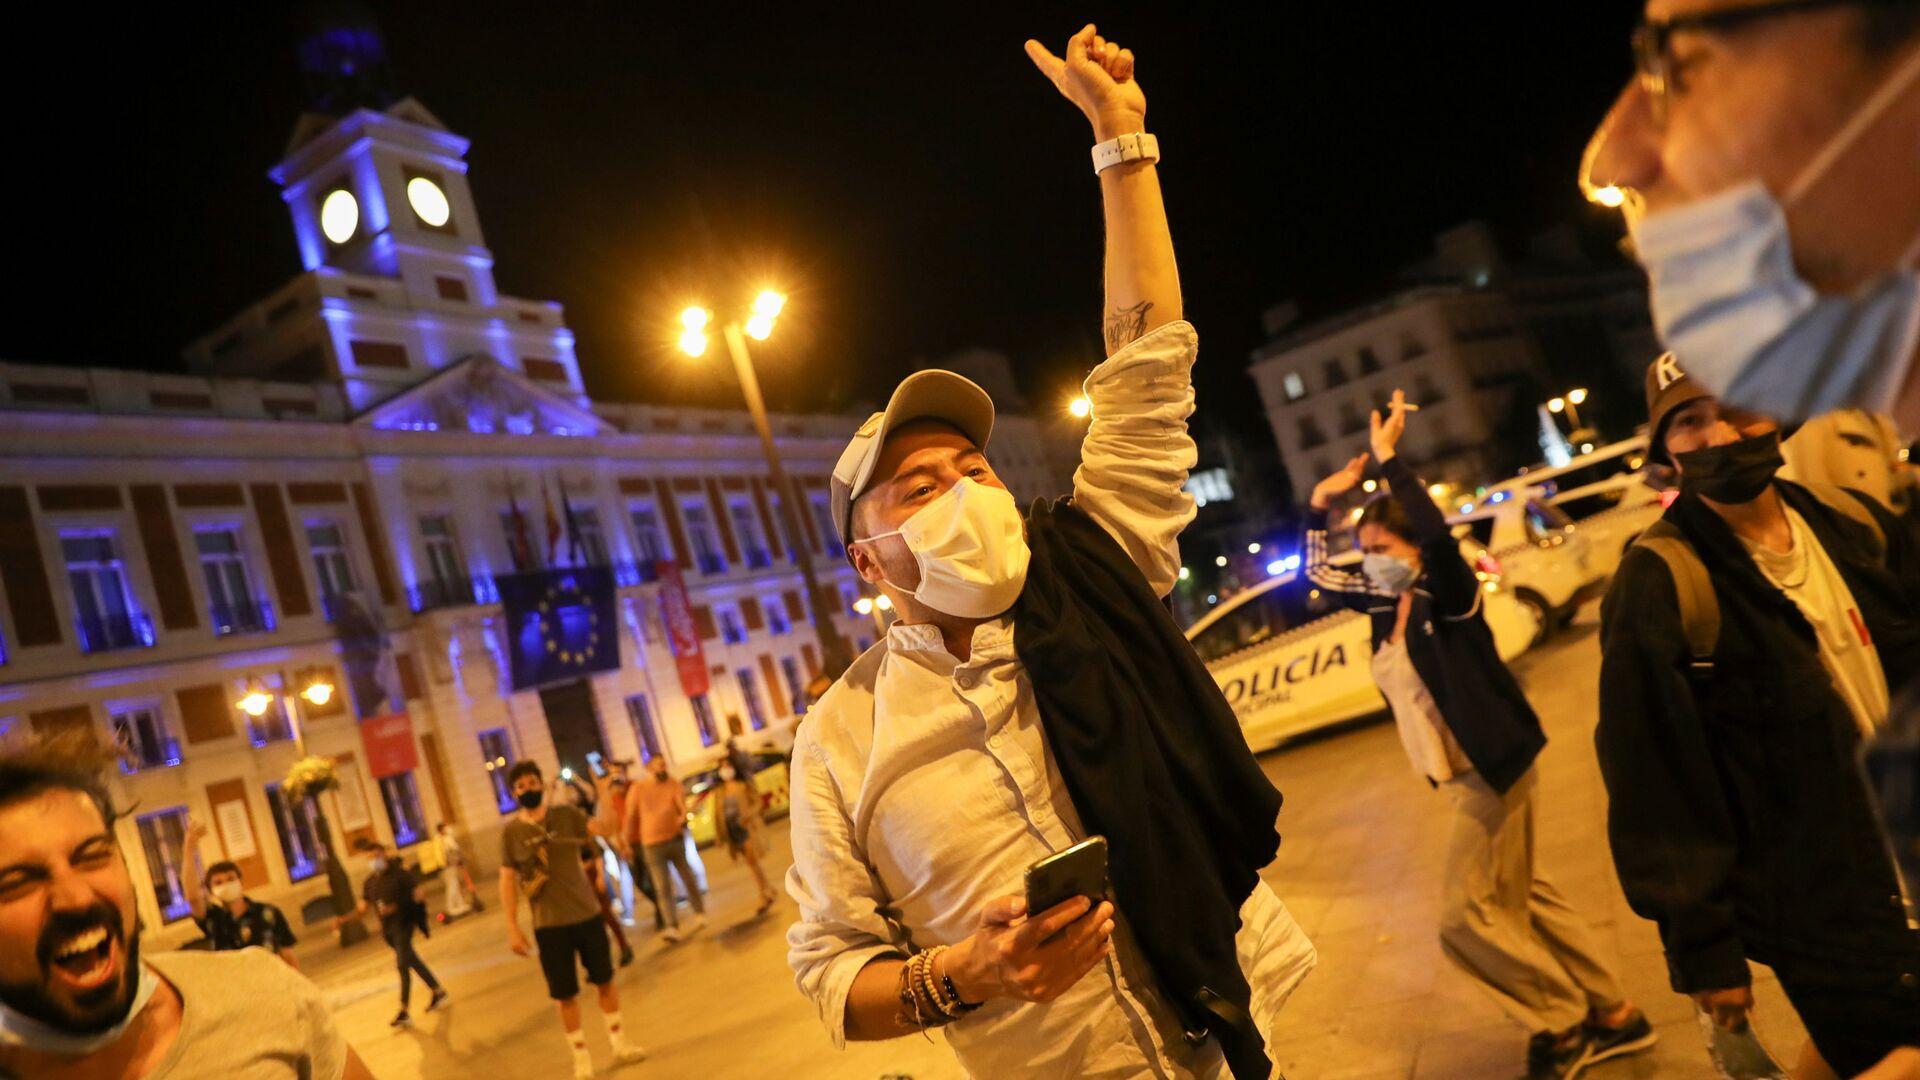 Un uomo con mascherina festeggia nella piazza Puerta del Sol, a Madrid - Sputnik Italia, 1920, 08.06.2021